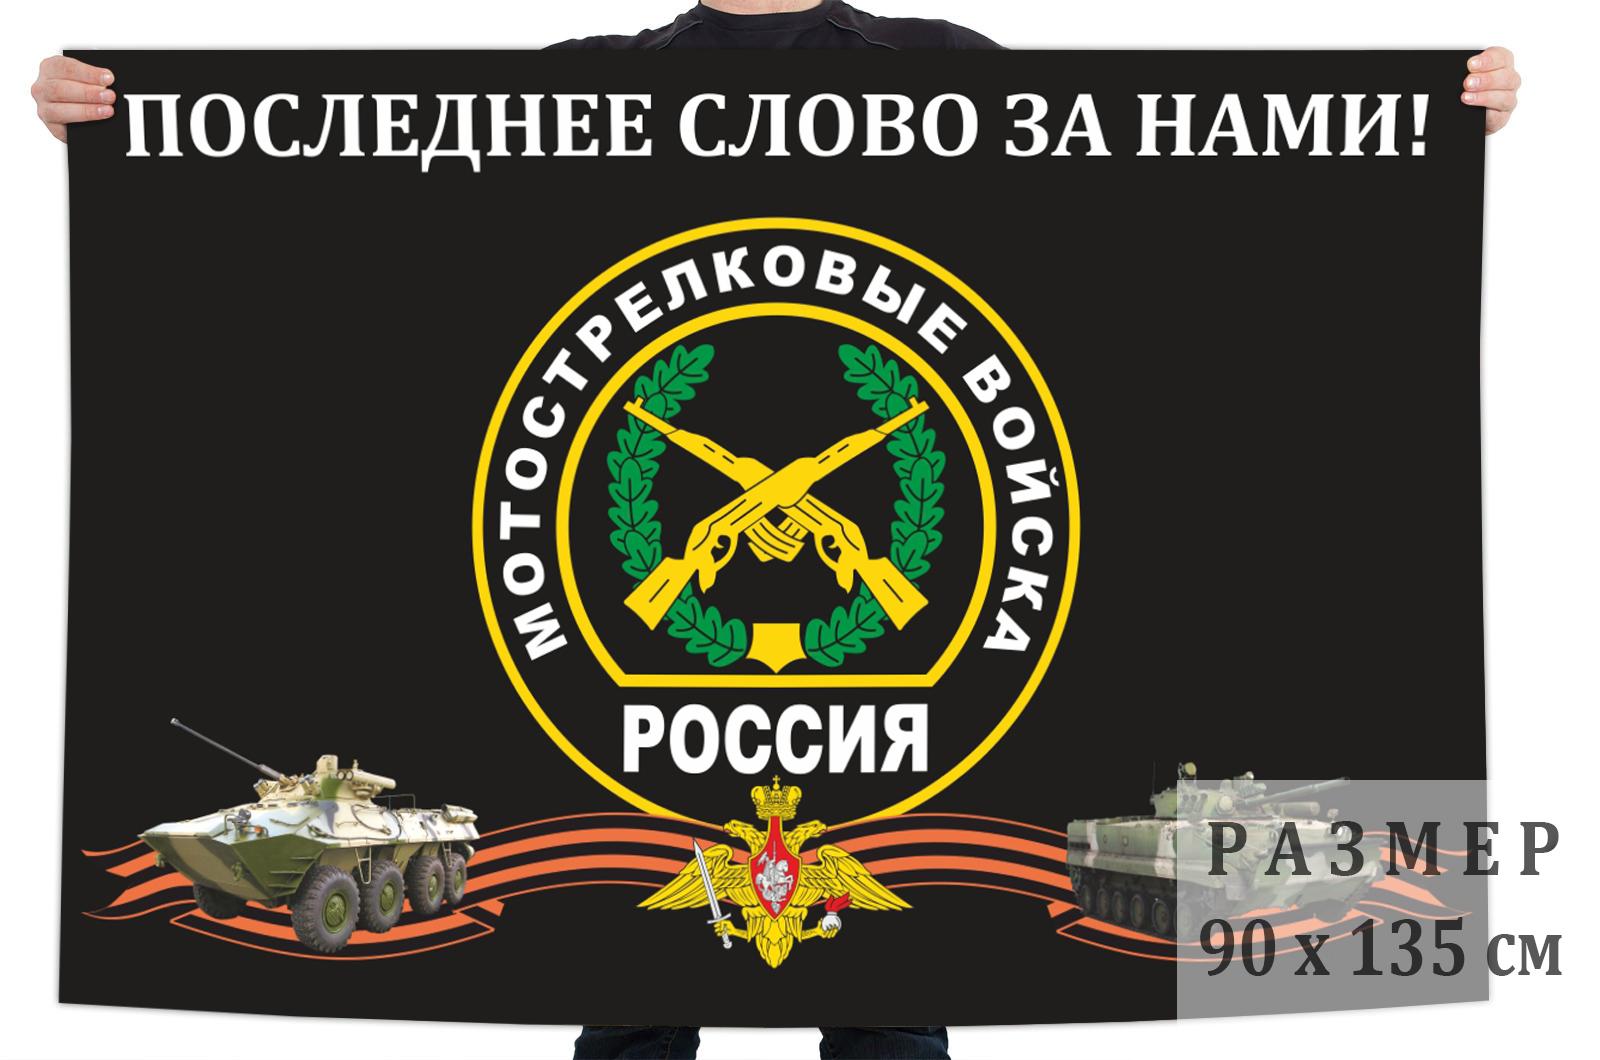 Флаг с эмблемой Мотострелковых войск